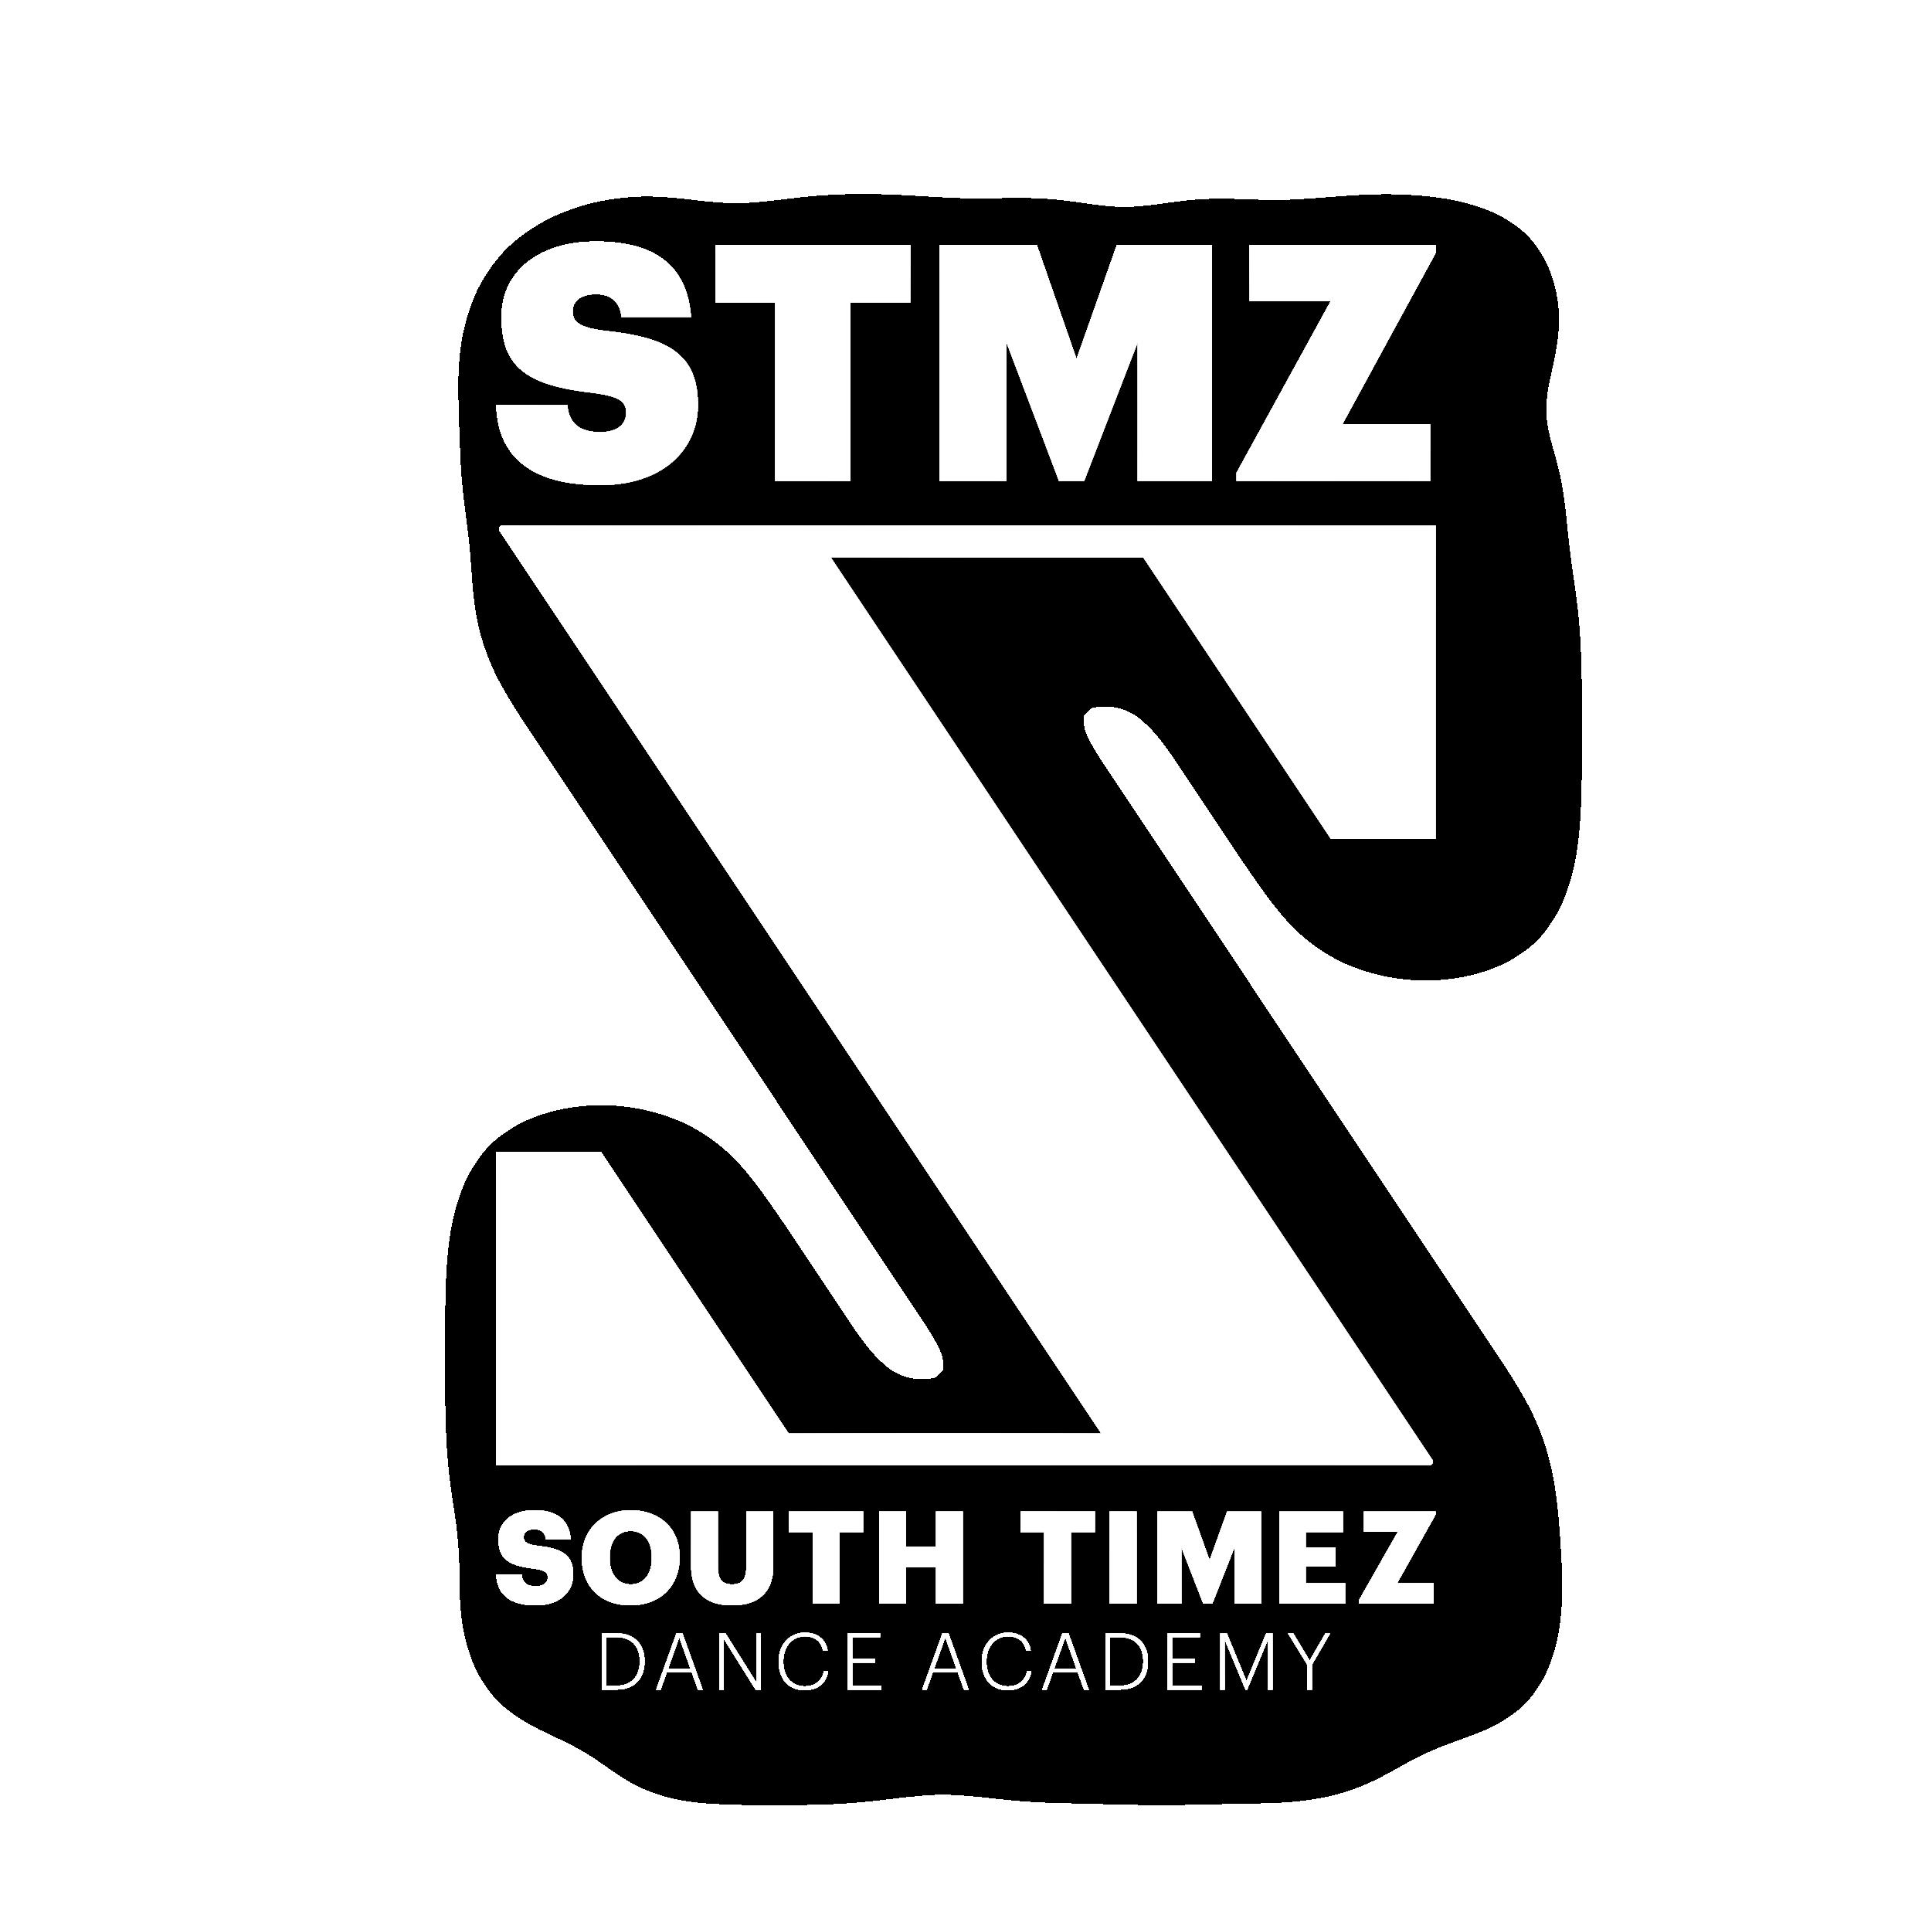 South Timez Dance Academy